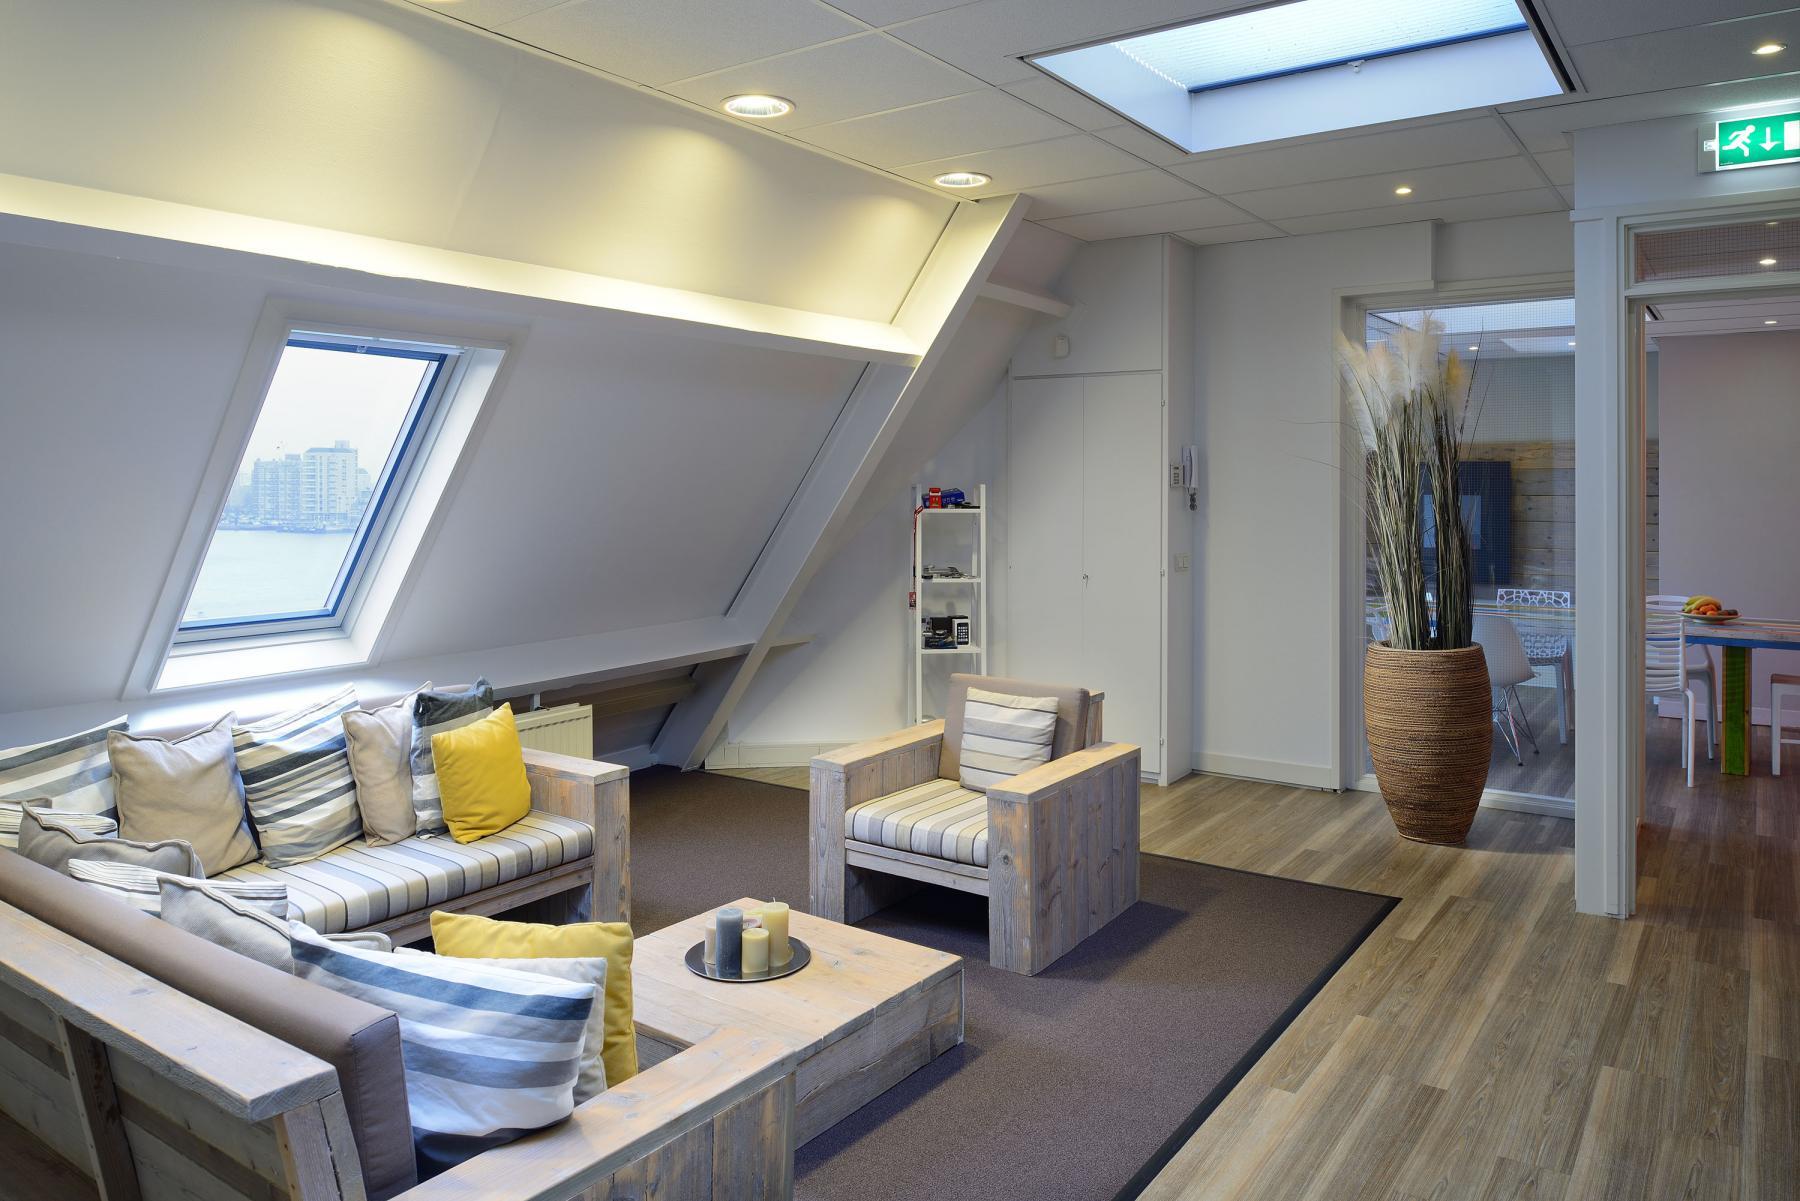 algemene ruimte kantoorpand dordrecht loungeruimte informeel overleggen banken raam uitzicht deuropening plant vloerkleed parket